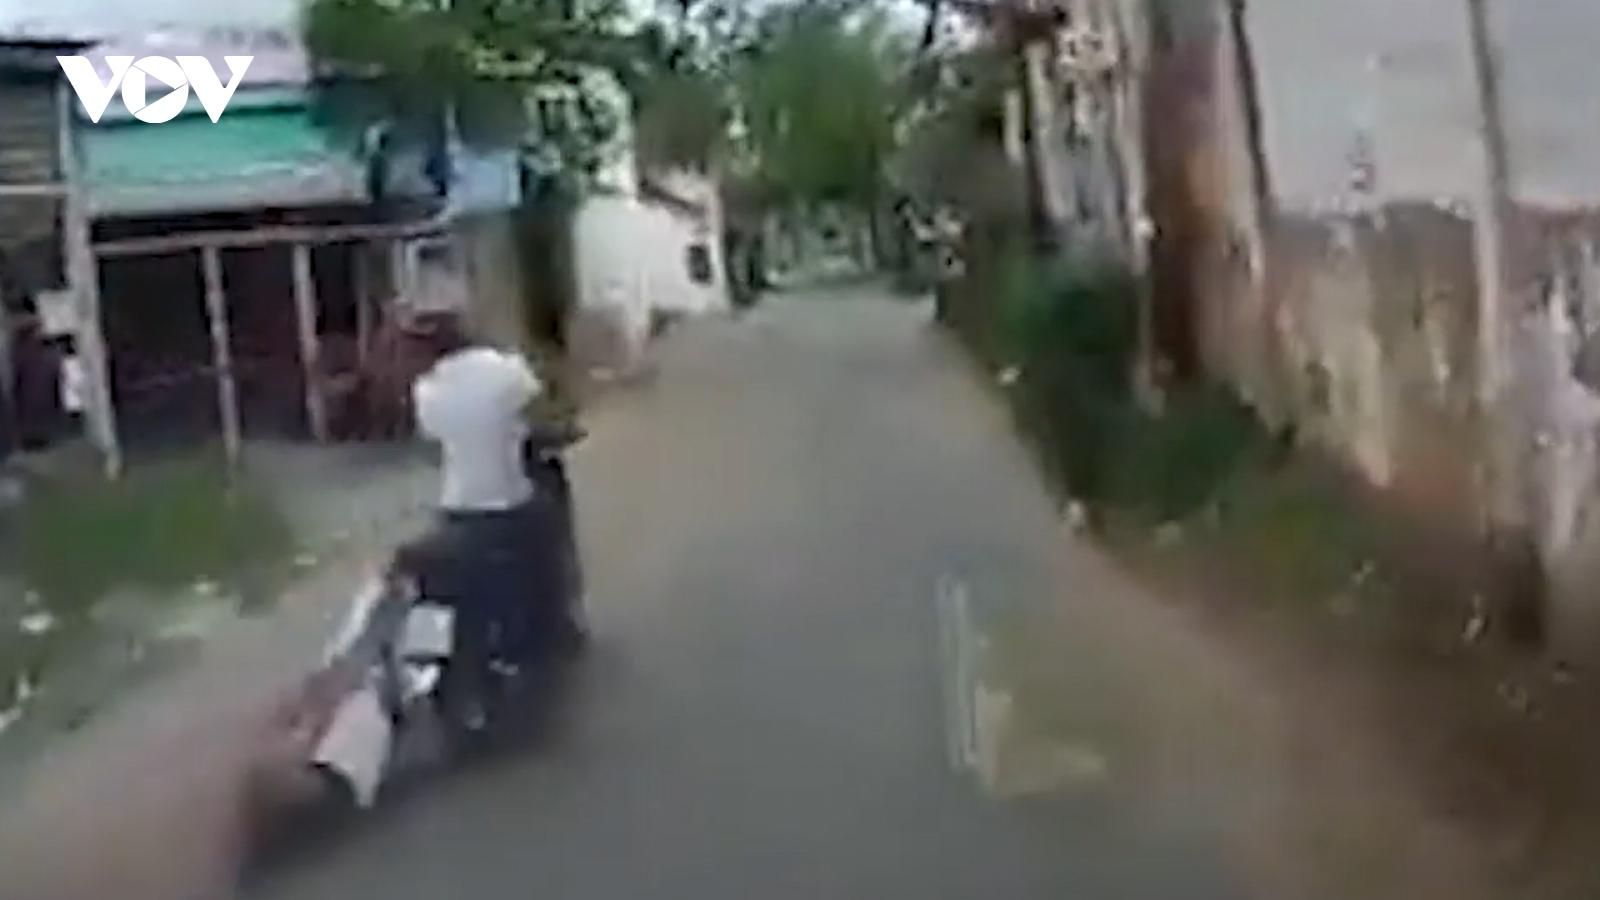 Nóng 24h: Bắt tên cướp kéo lê cô gái hơn 500m trên đường